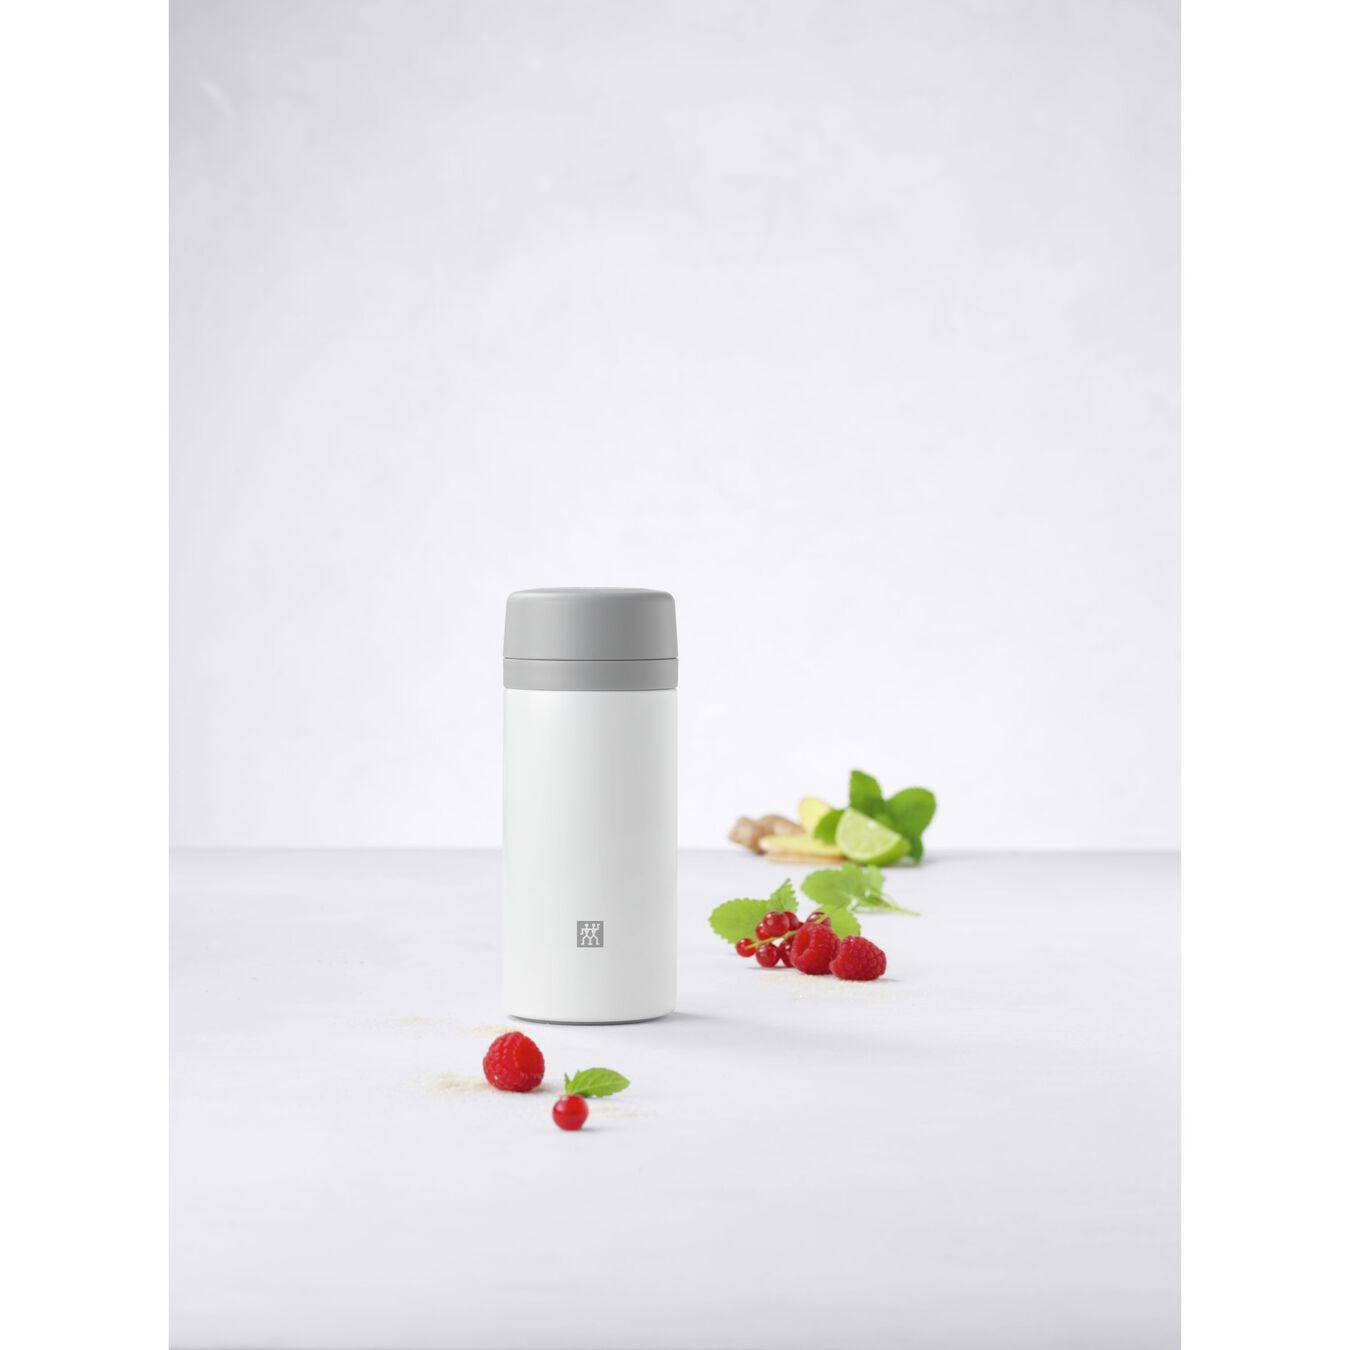 Thermos - 420 ml, acciaio inox, bianco,,large 6